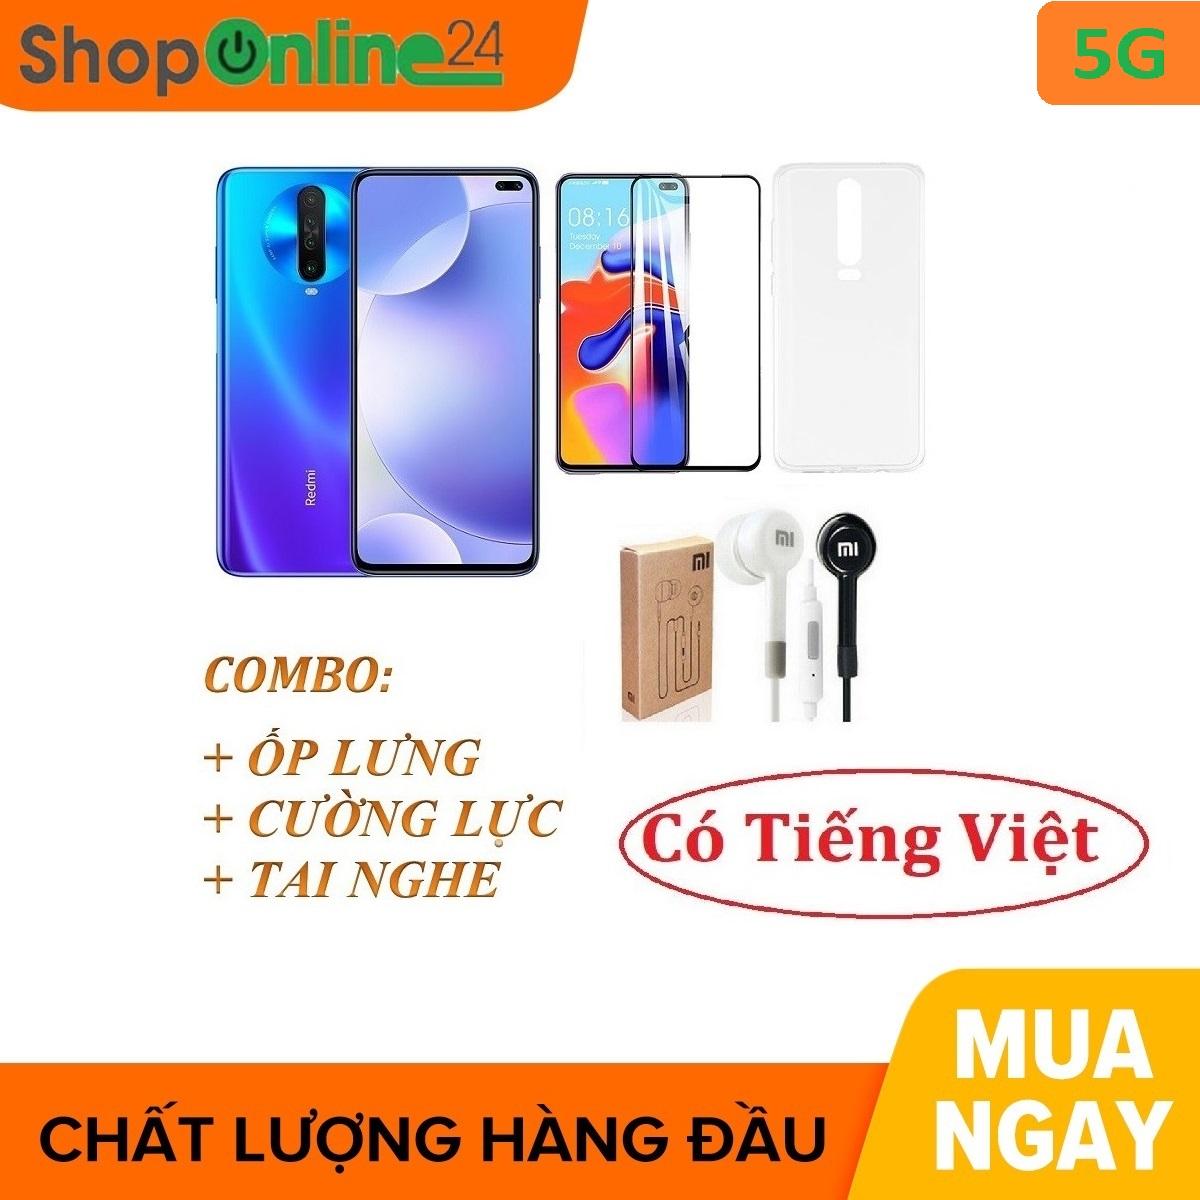 Combo điện thoại Xiaomi Redmi K30 5G 64Gb Ram 6Gb + Ốp lưng + Cường lực + Tai nghe - Hàng nhập khẩu